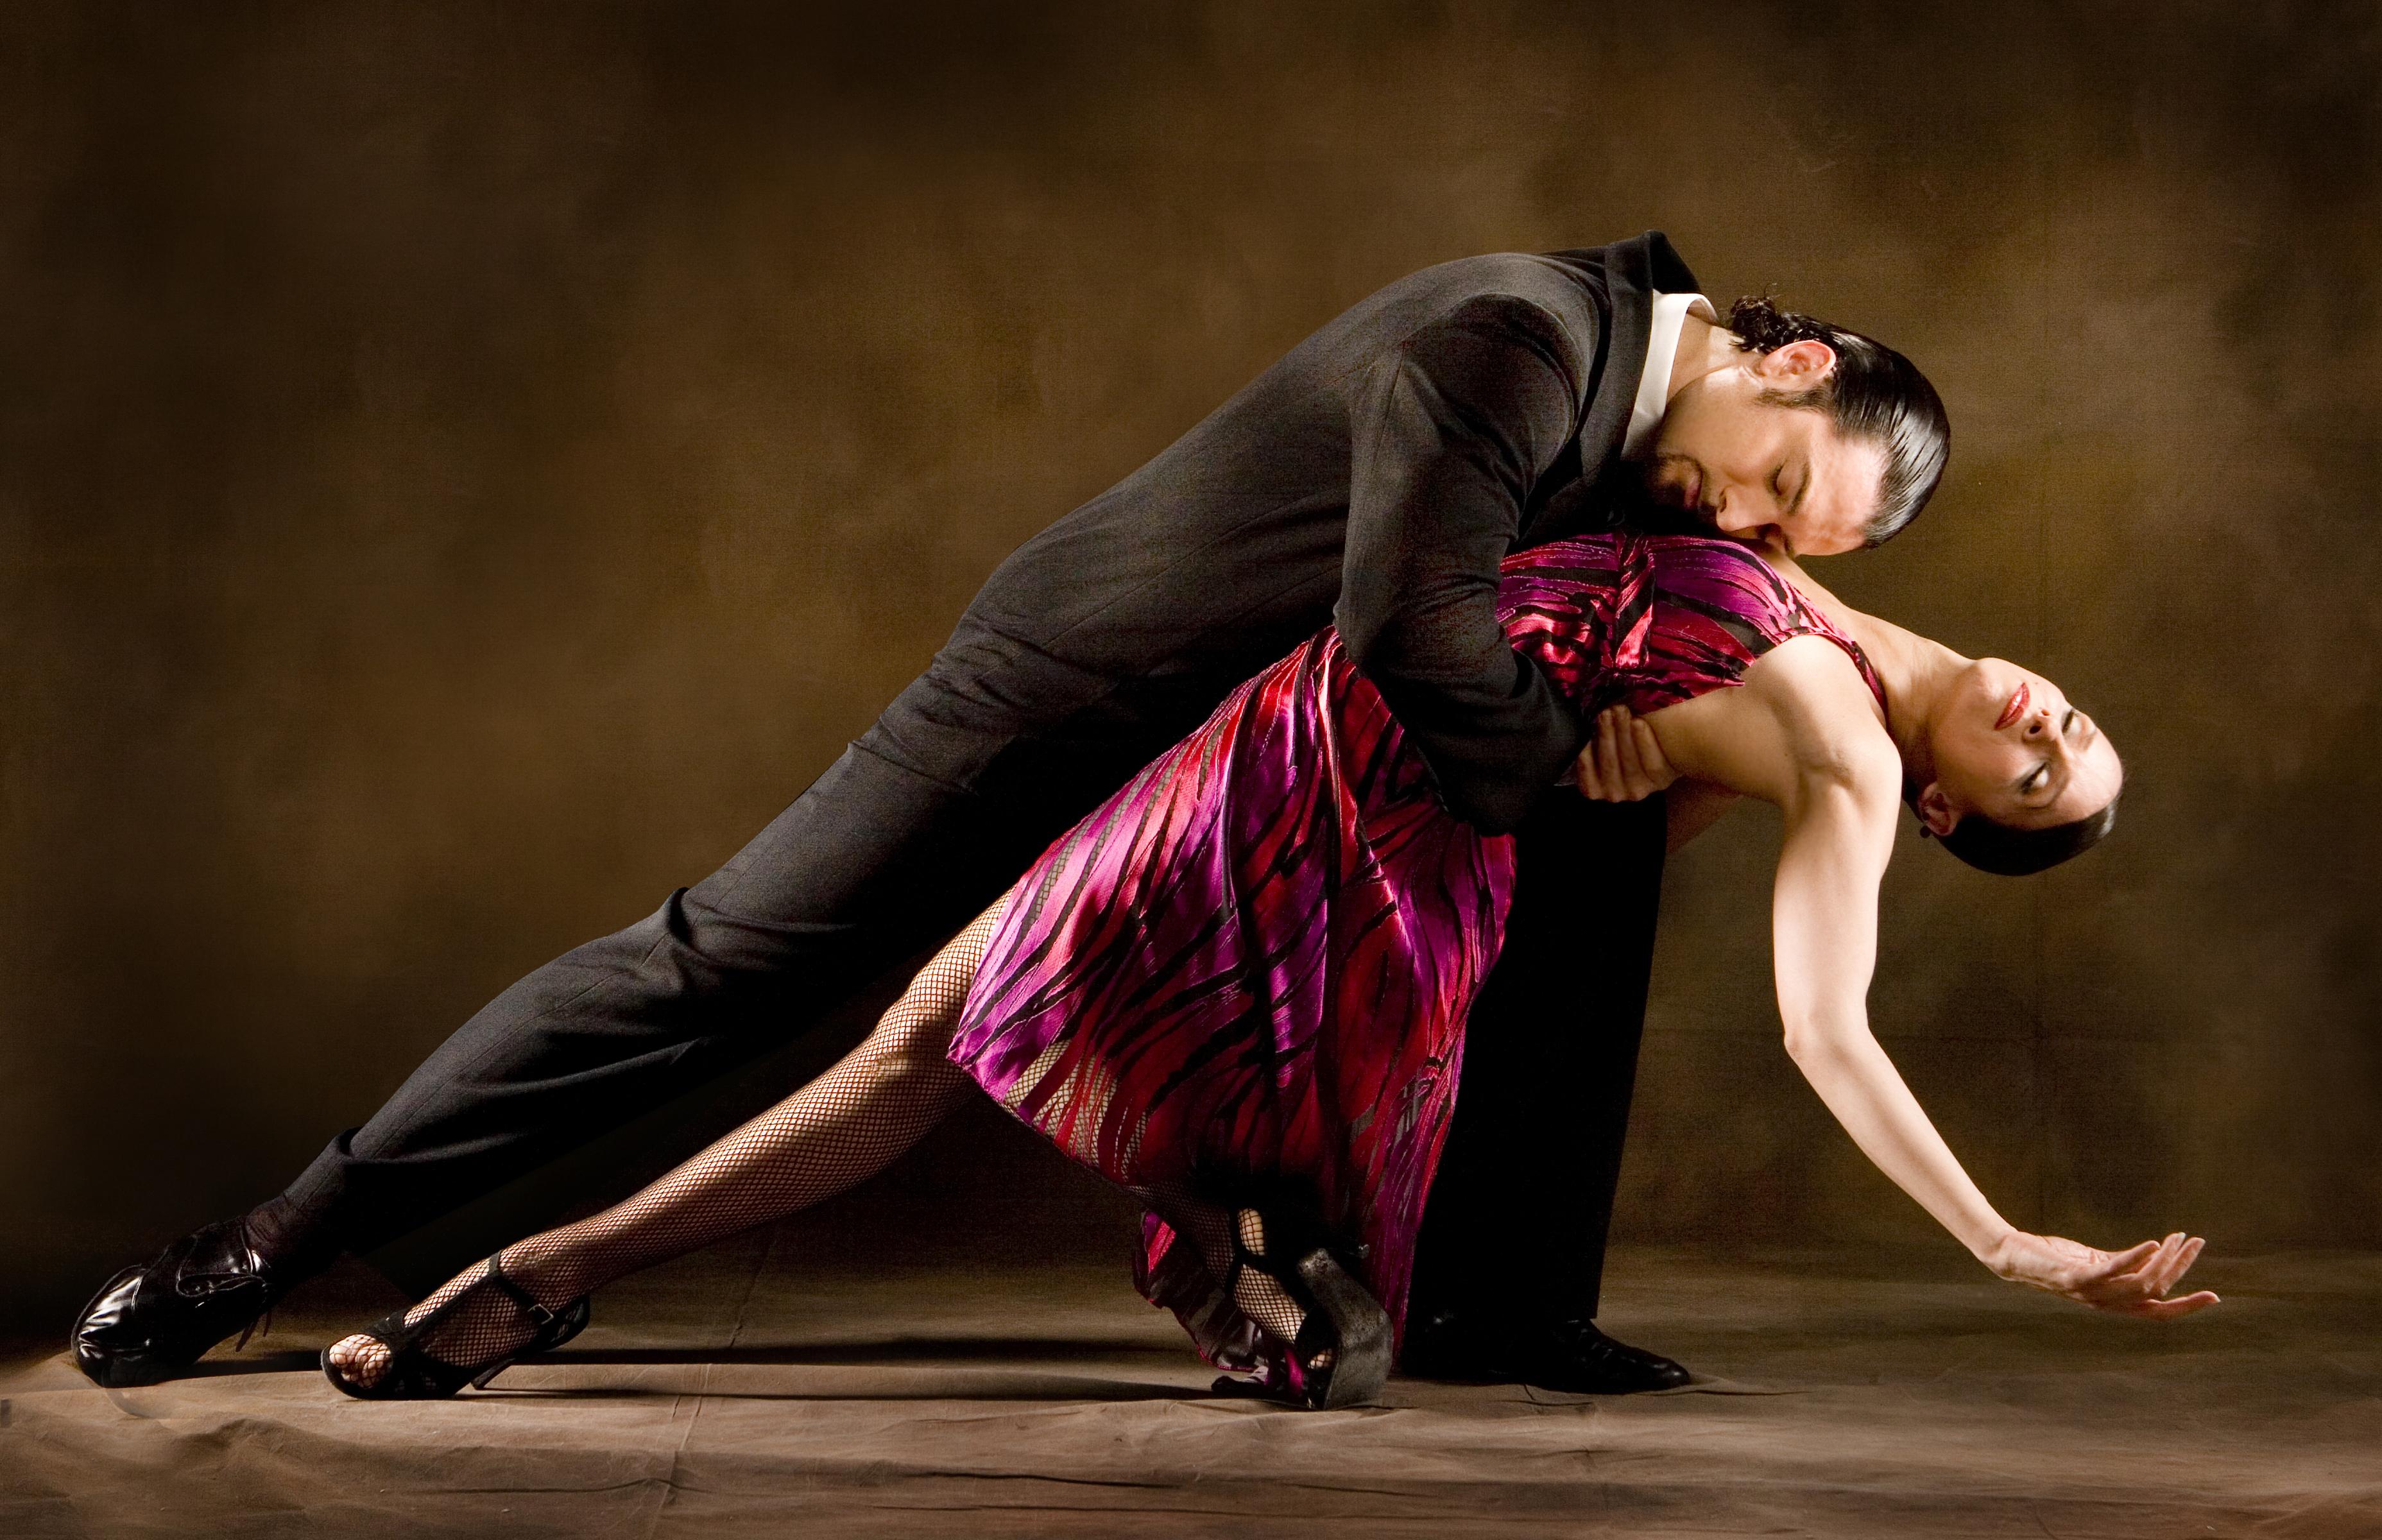 Фото девушка в танго 2 фотография